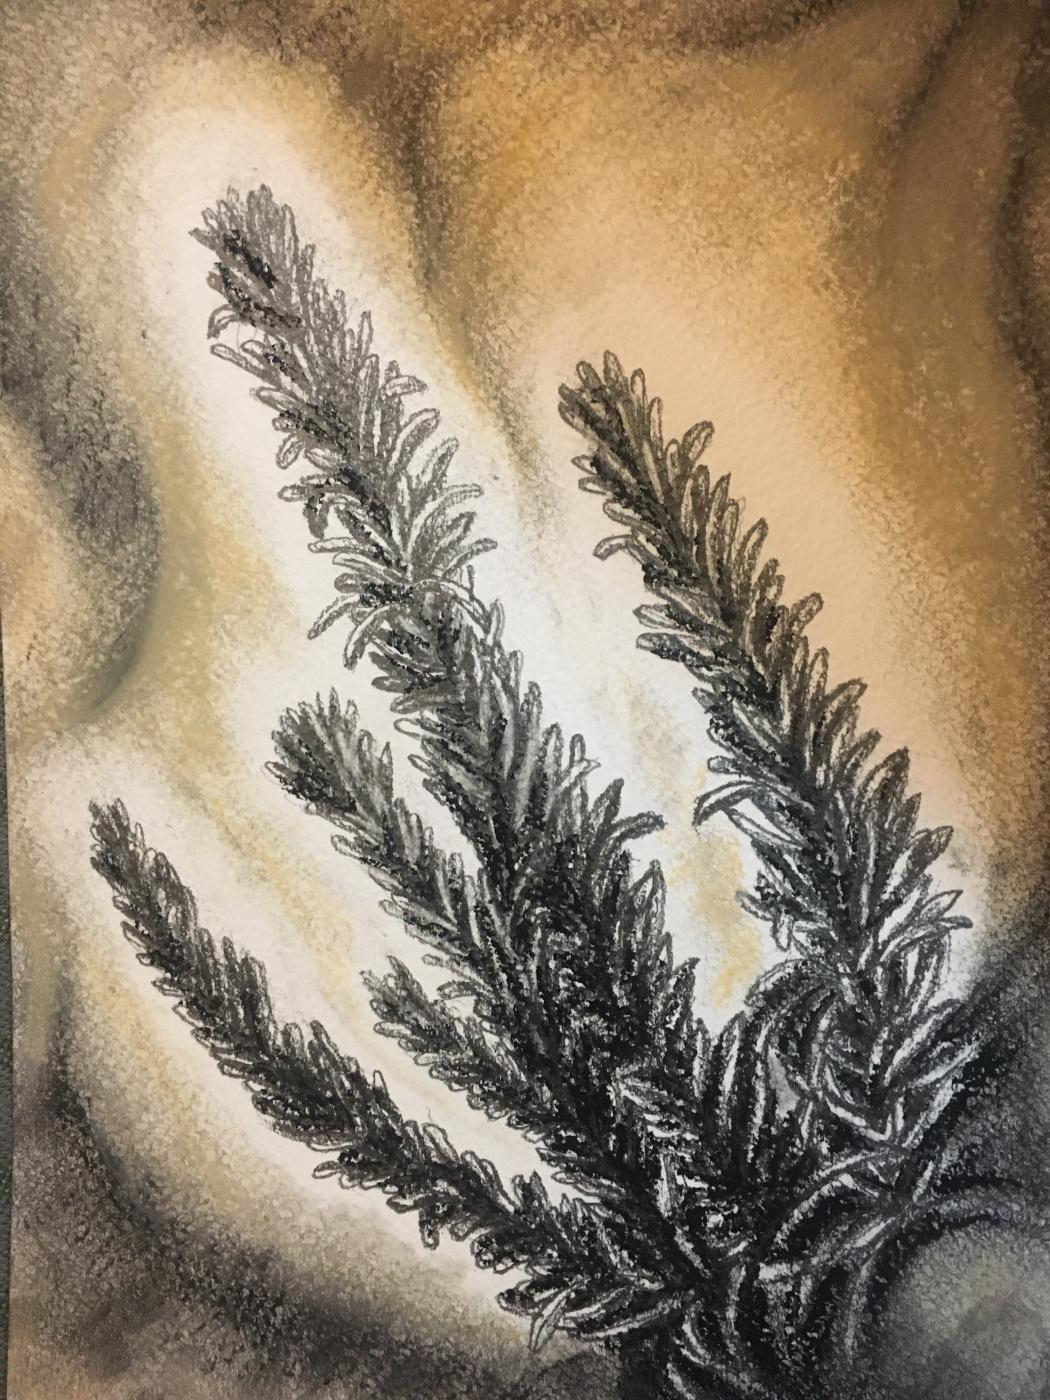 Tati_vC. Magic Herbarium-Rosemary